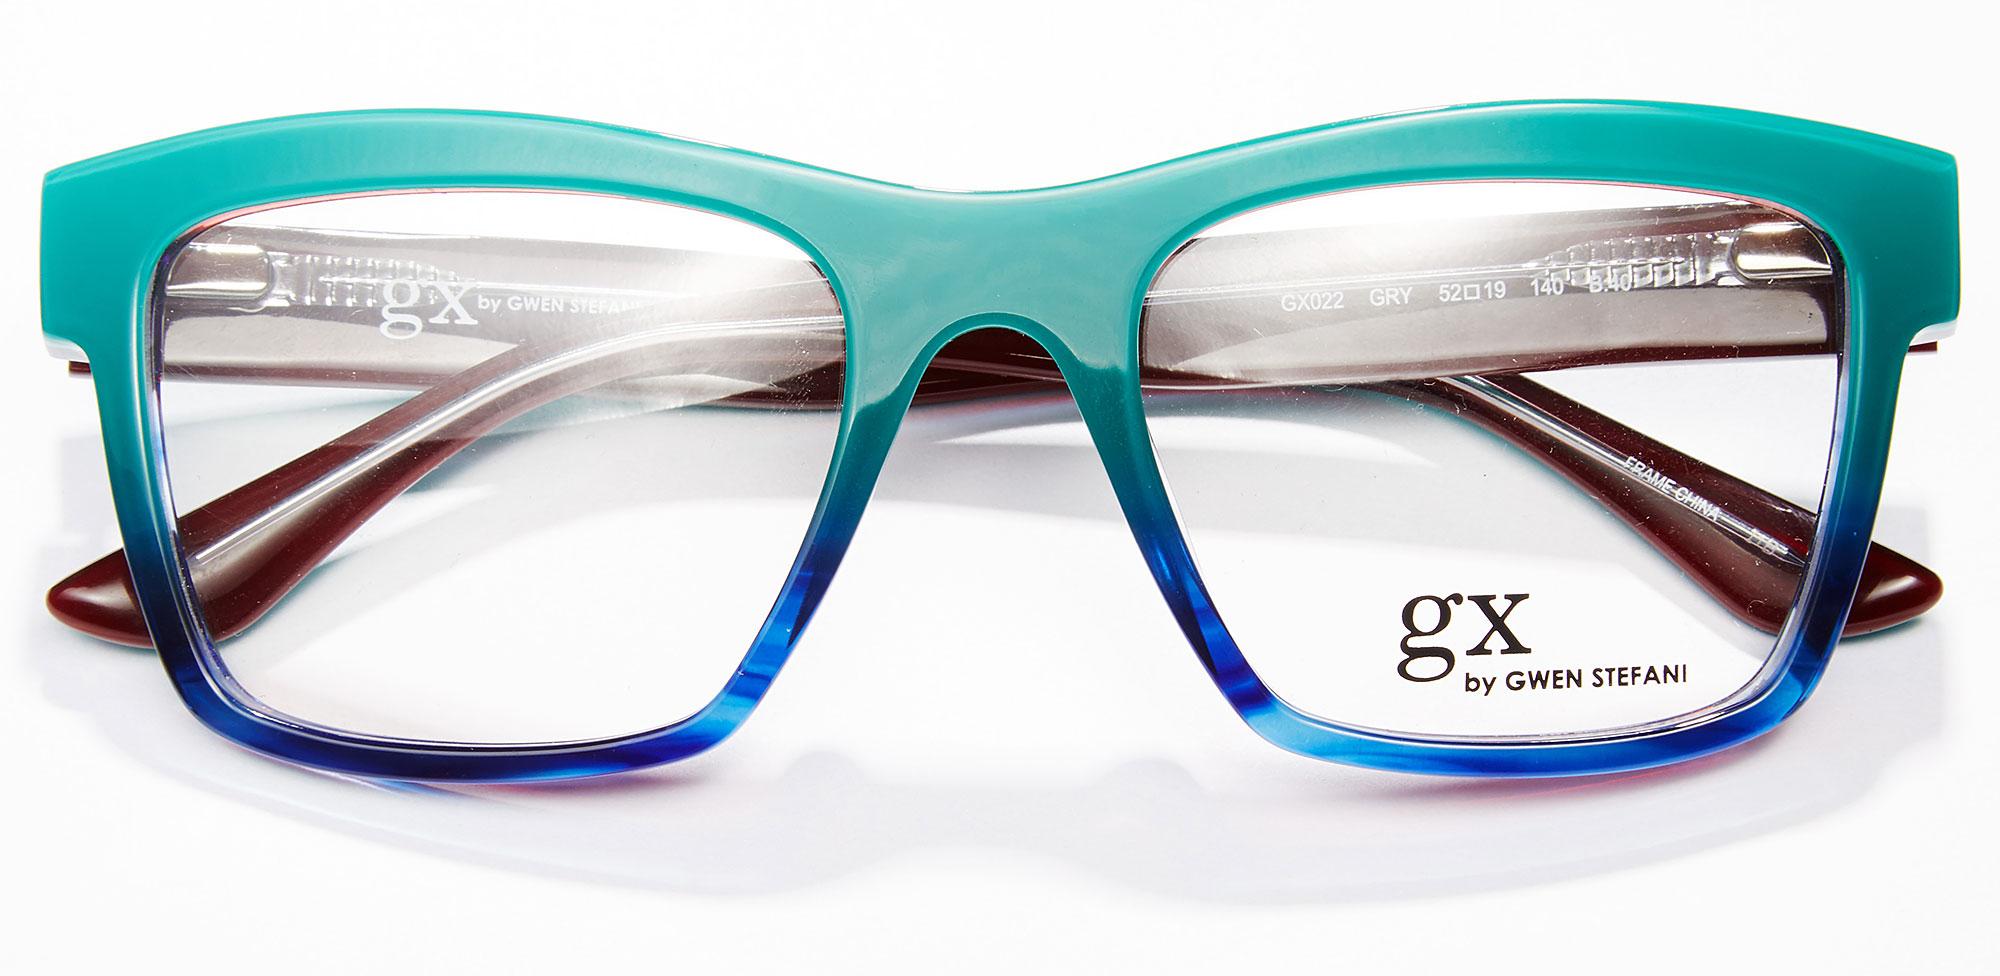 Gwen Stefani gx eyeglasses for Tura